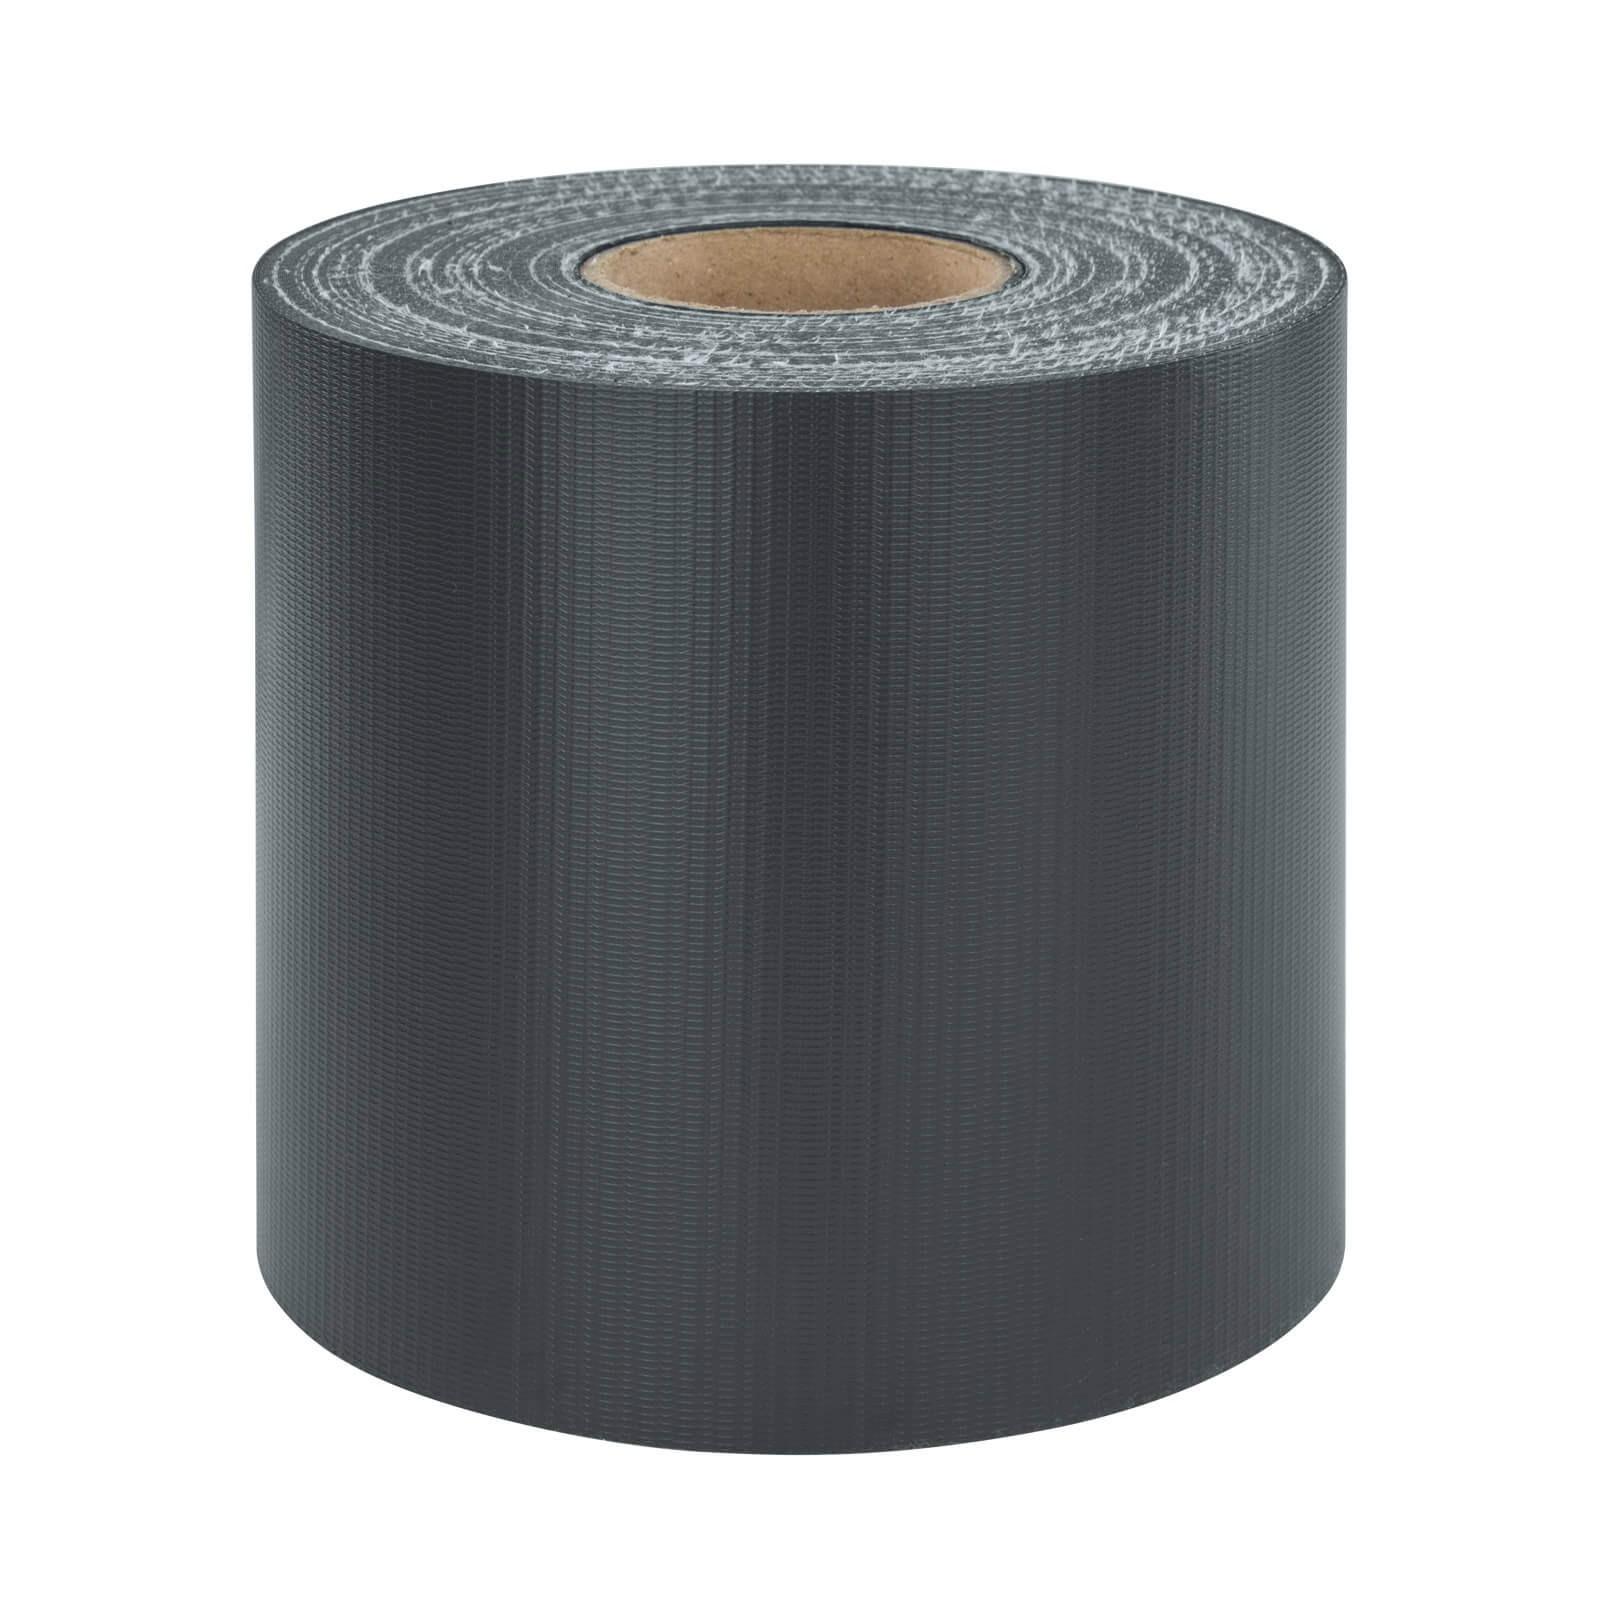 Dema PVC Sichtschutzstreifen / Sichtschutzzaun 70 m x 19 cm - Farbe nach Wahl var-Sichtschutzstreifen-70m